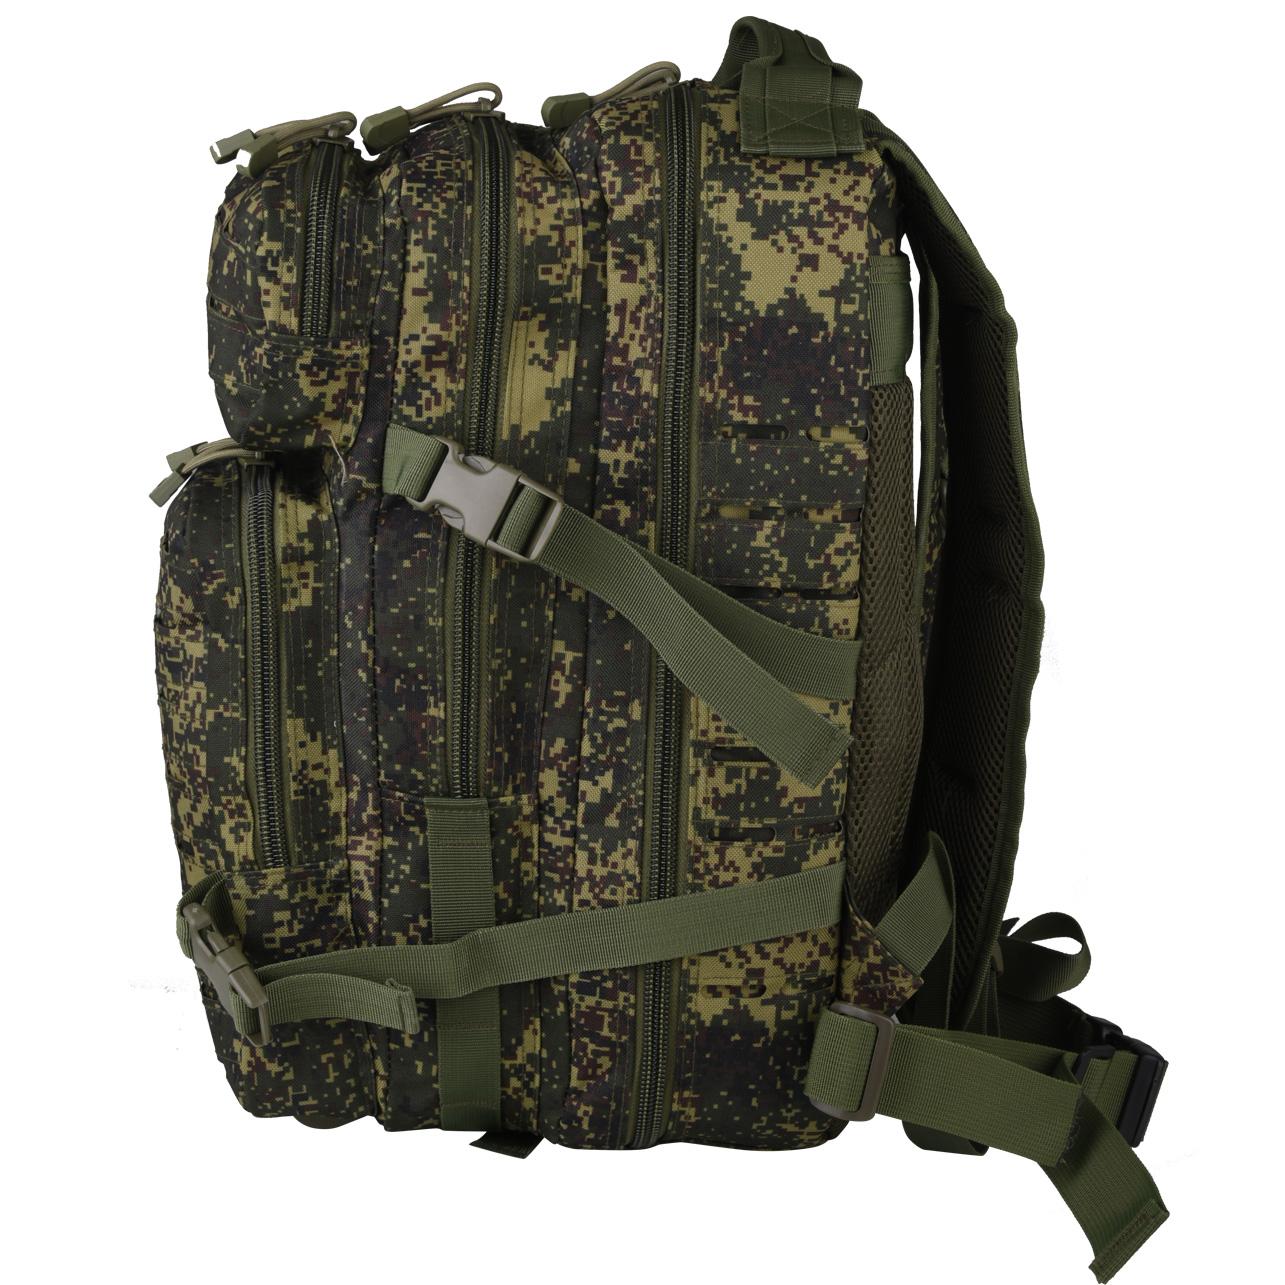 Милитари рюкзак с военной нашивкой Пограничной службы - купить в подарок